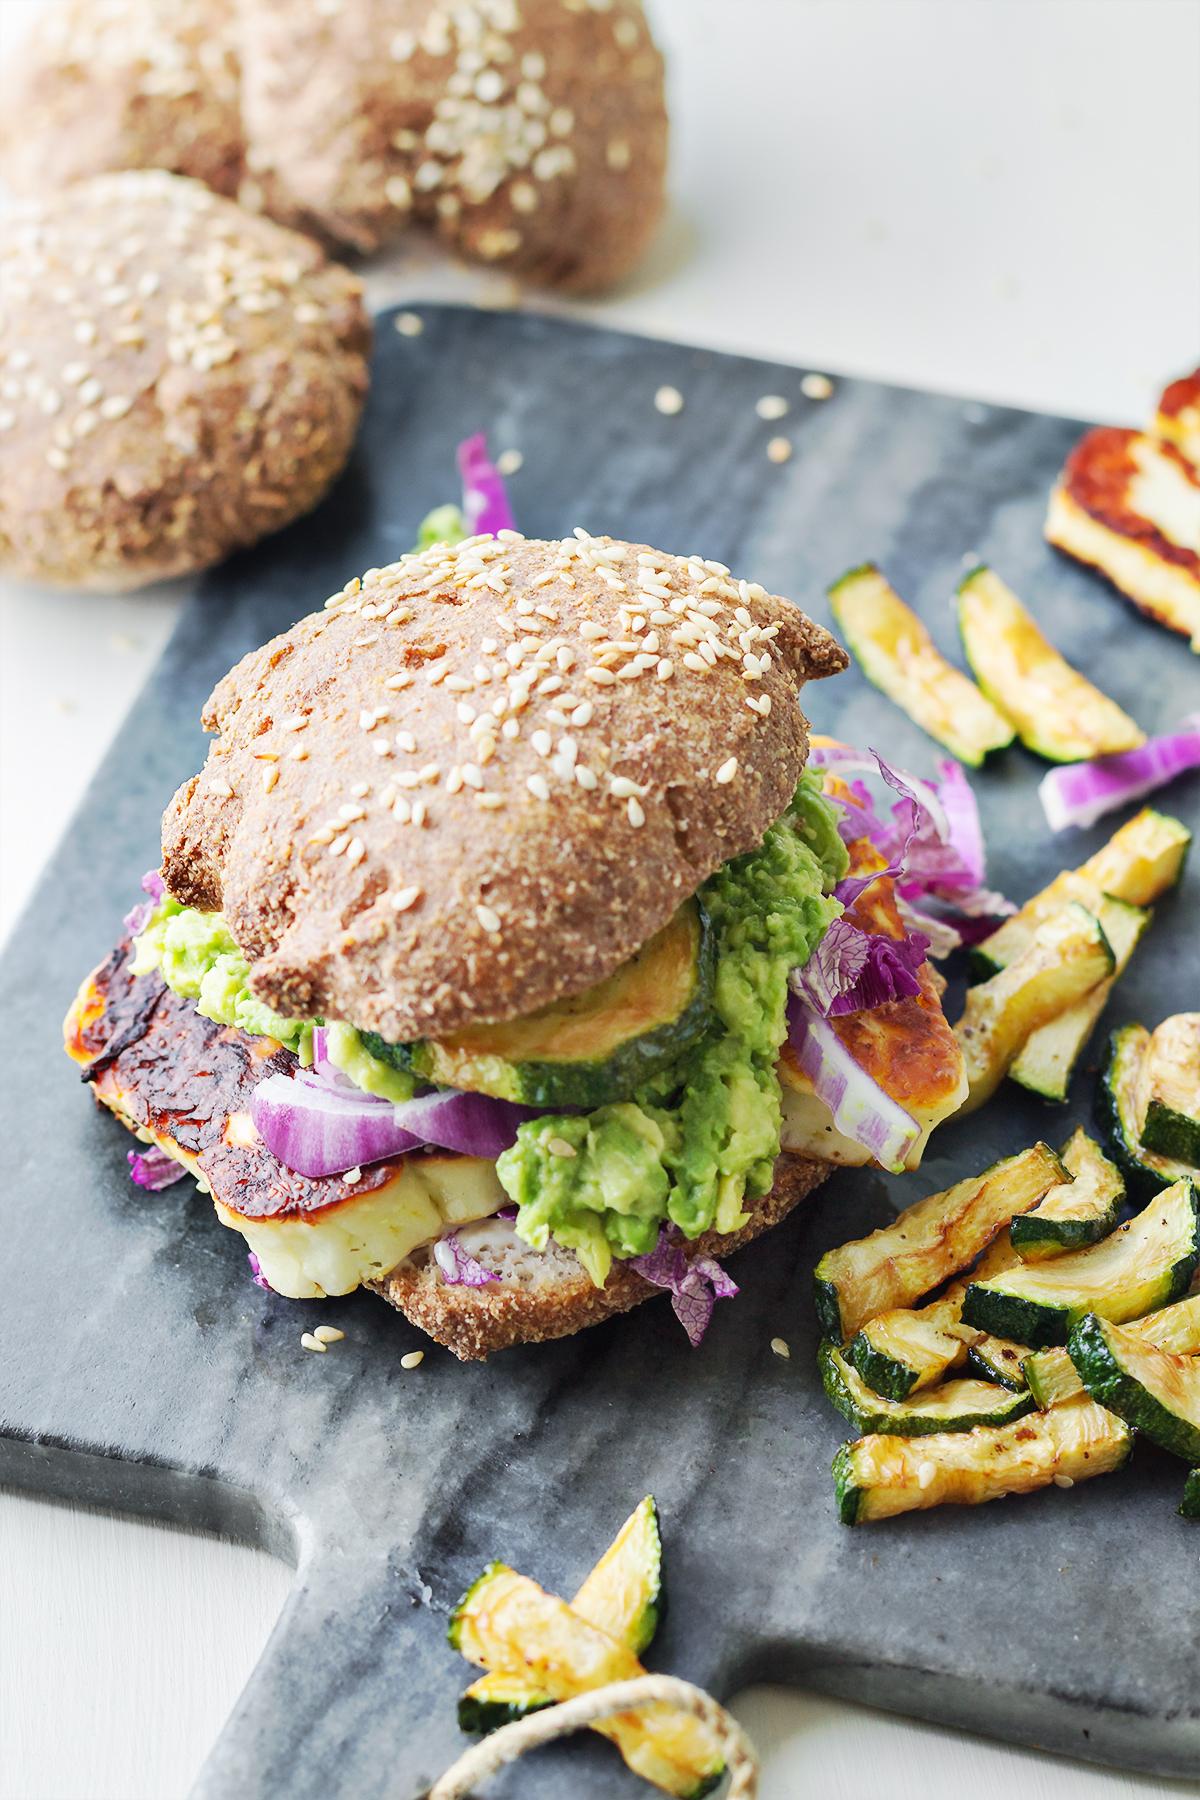 burger z halloumi lchf dieta konsultacje dietetyczne online